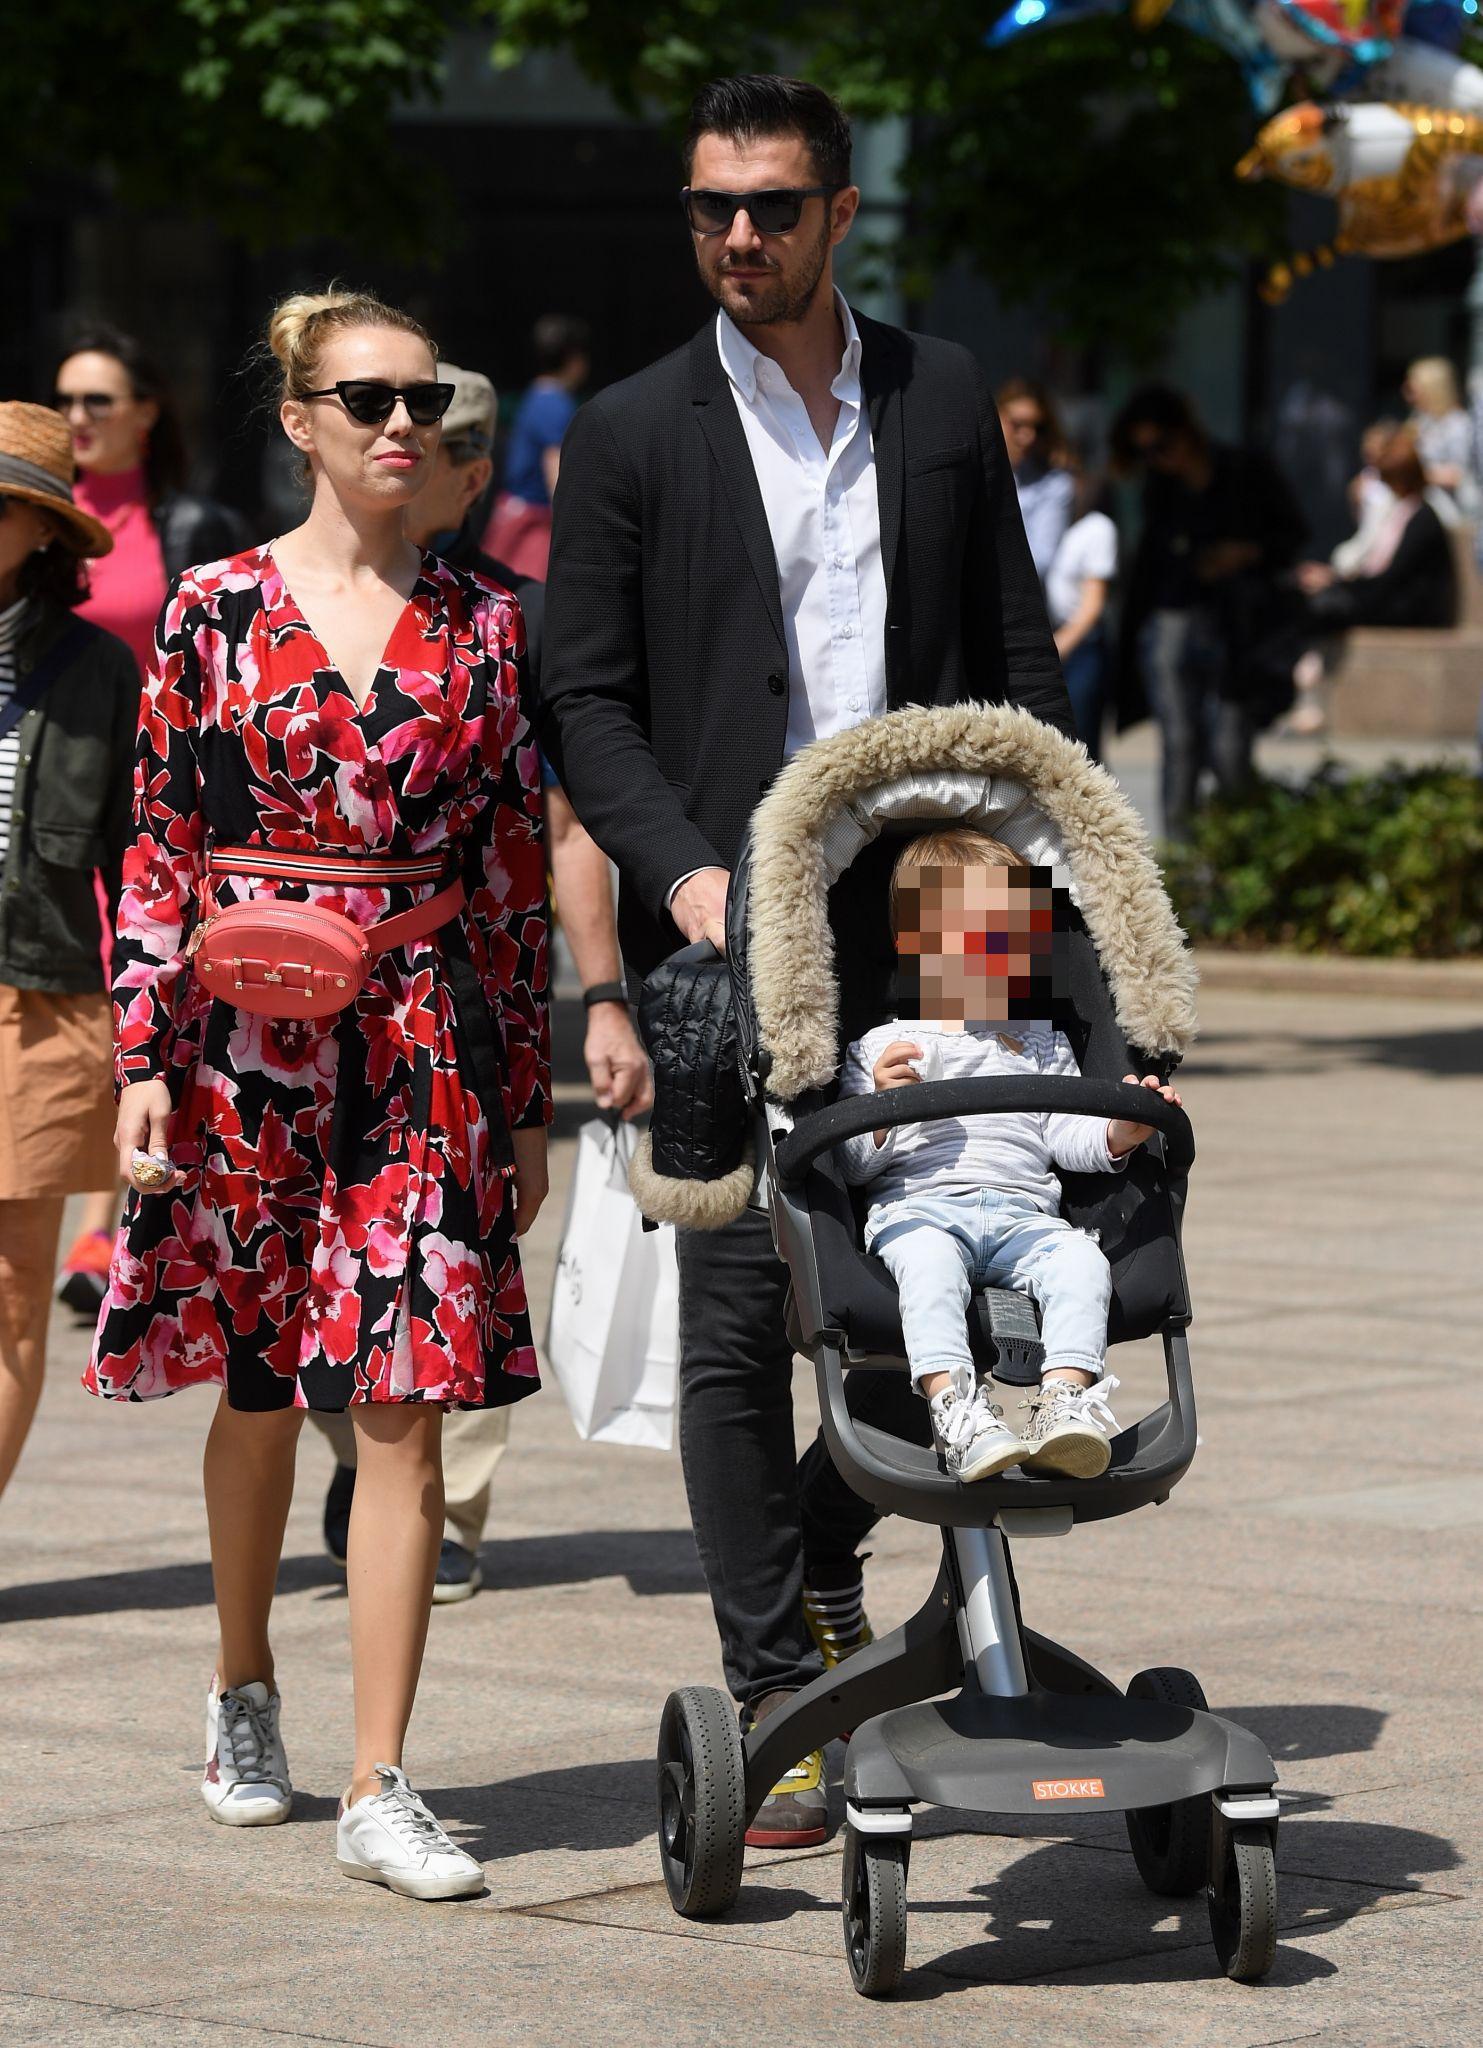 Kakav trio! Obiteljska šetnja zagrebačkim Cvjetnim trgom nikad nije bila slađa